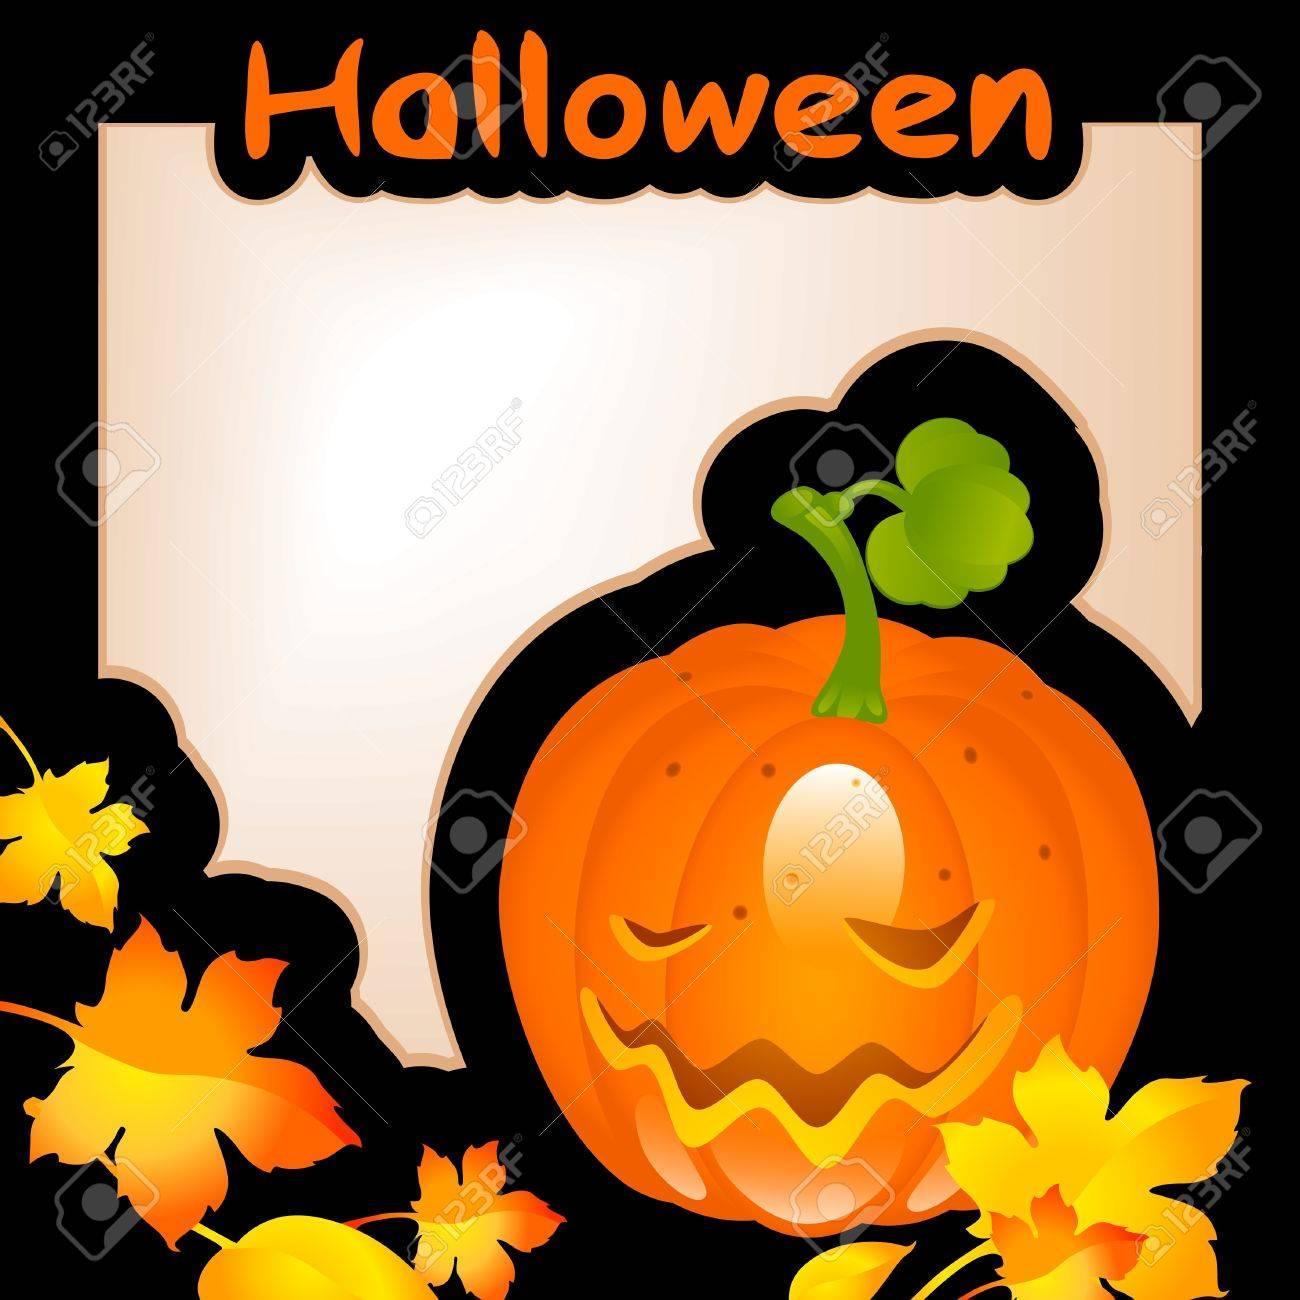 halloween pumpkin. banner on black background Stock Vector - 10475497